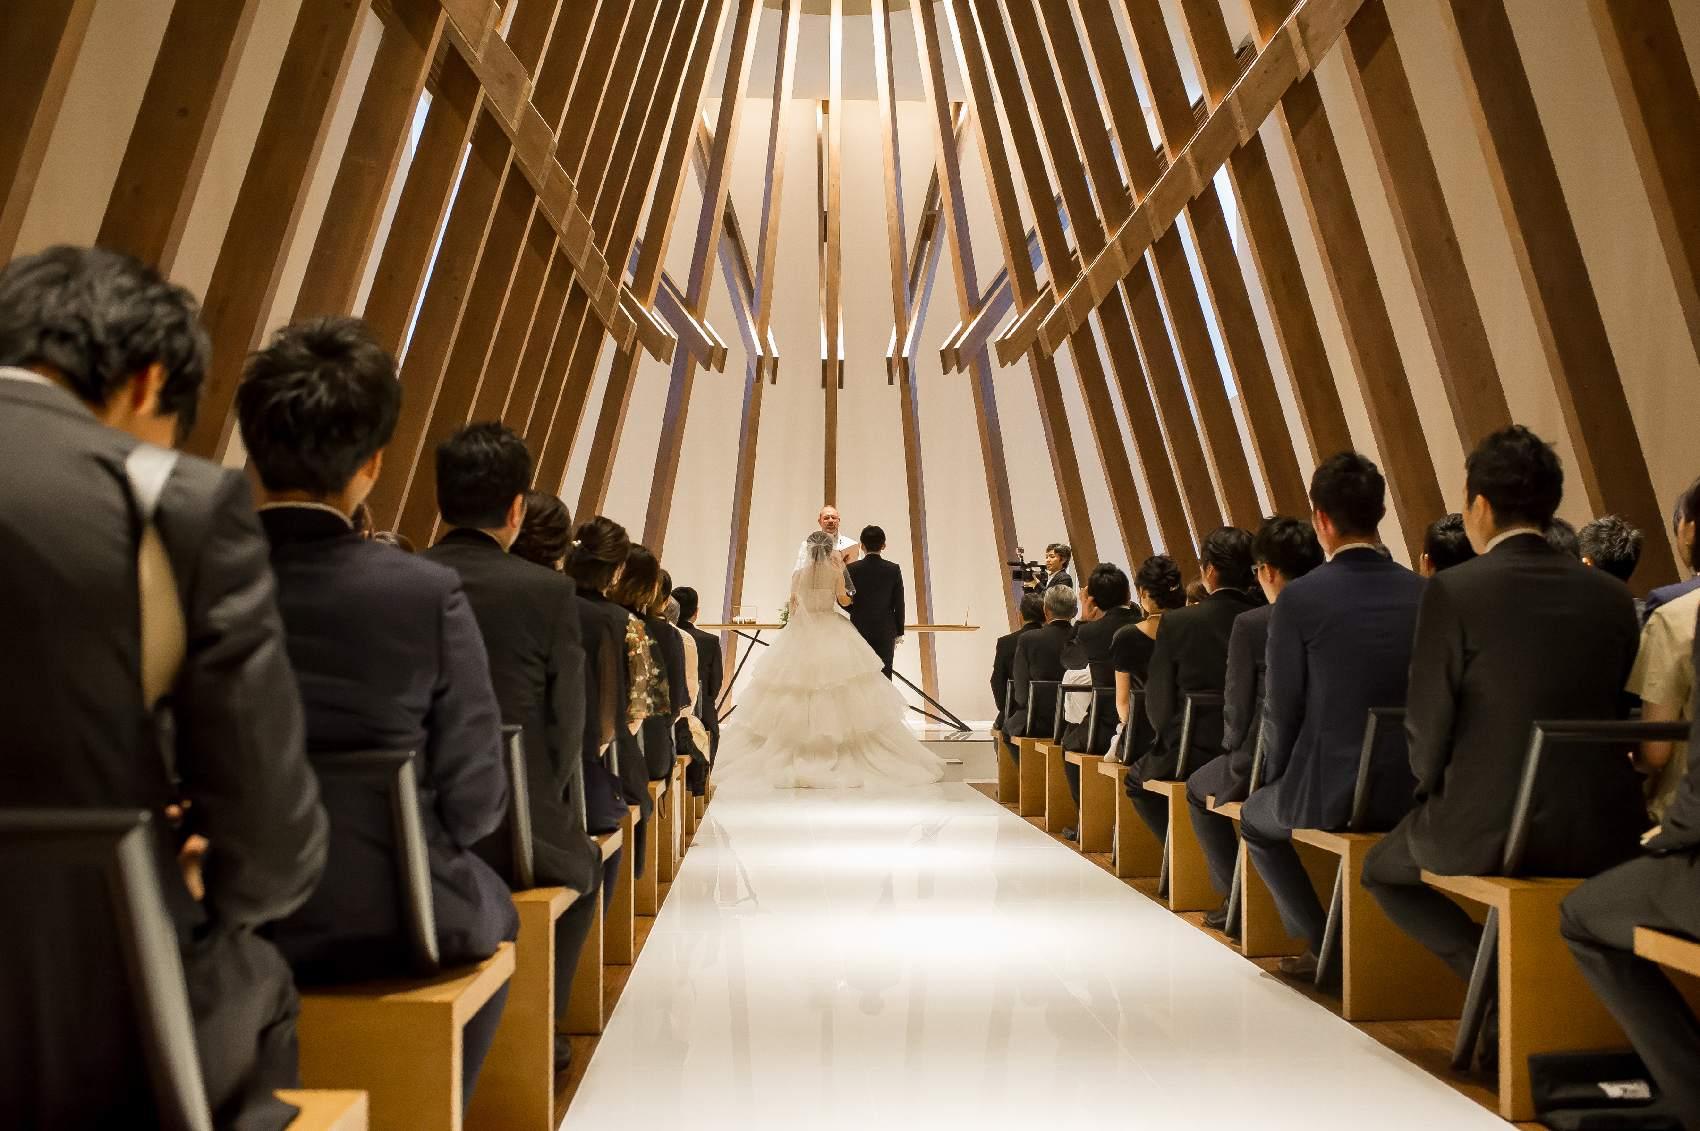 香川県高松市の結婚式場アナザースタイルのチャペルへの入場